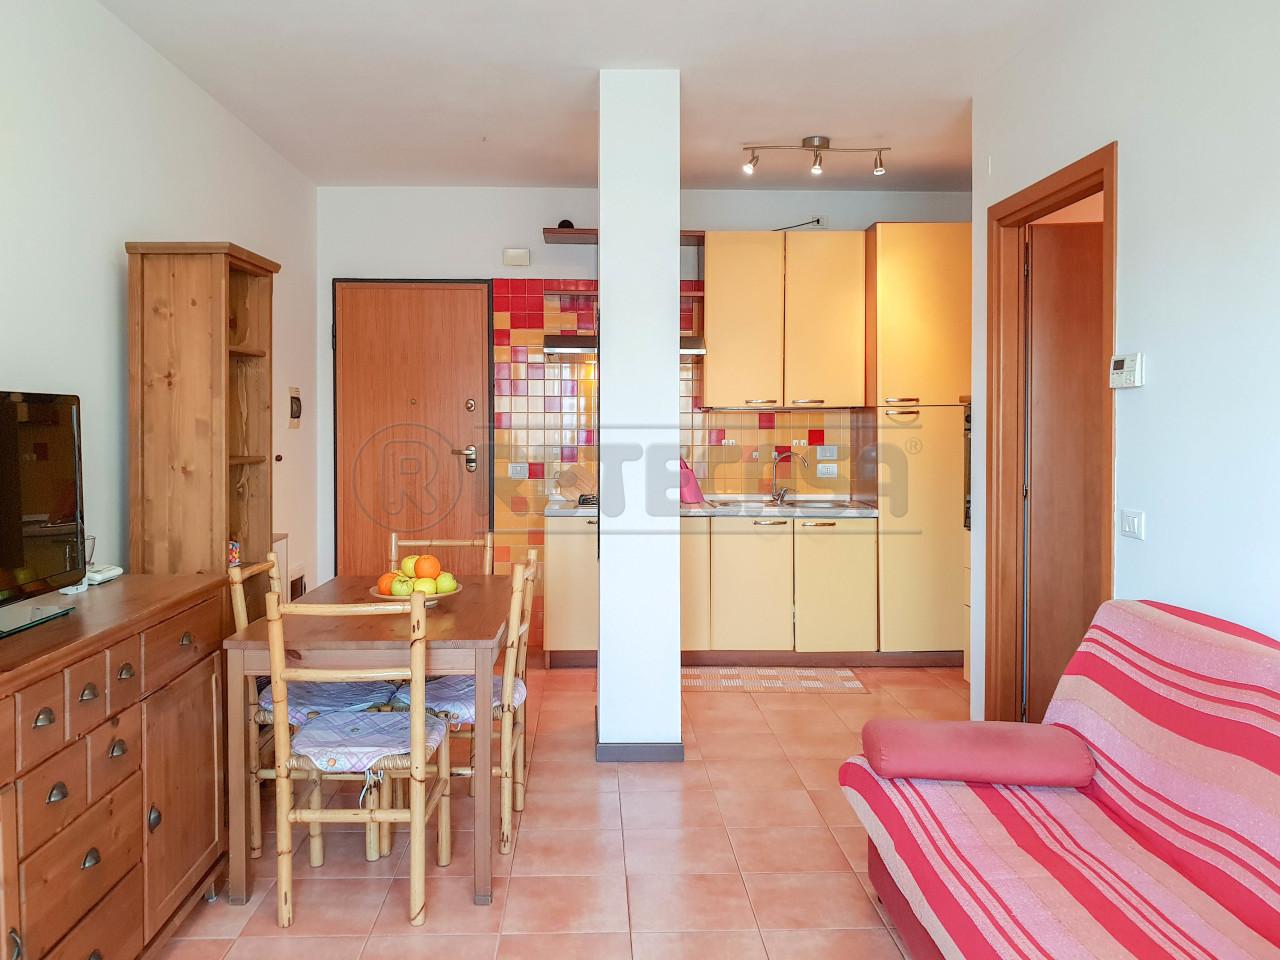 Appartamento in vendita a Creazzo, 2 locali, prezzo € 79.000 | PortaleAgenzieImmobiliari.it